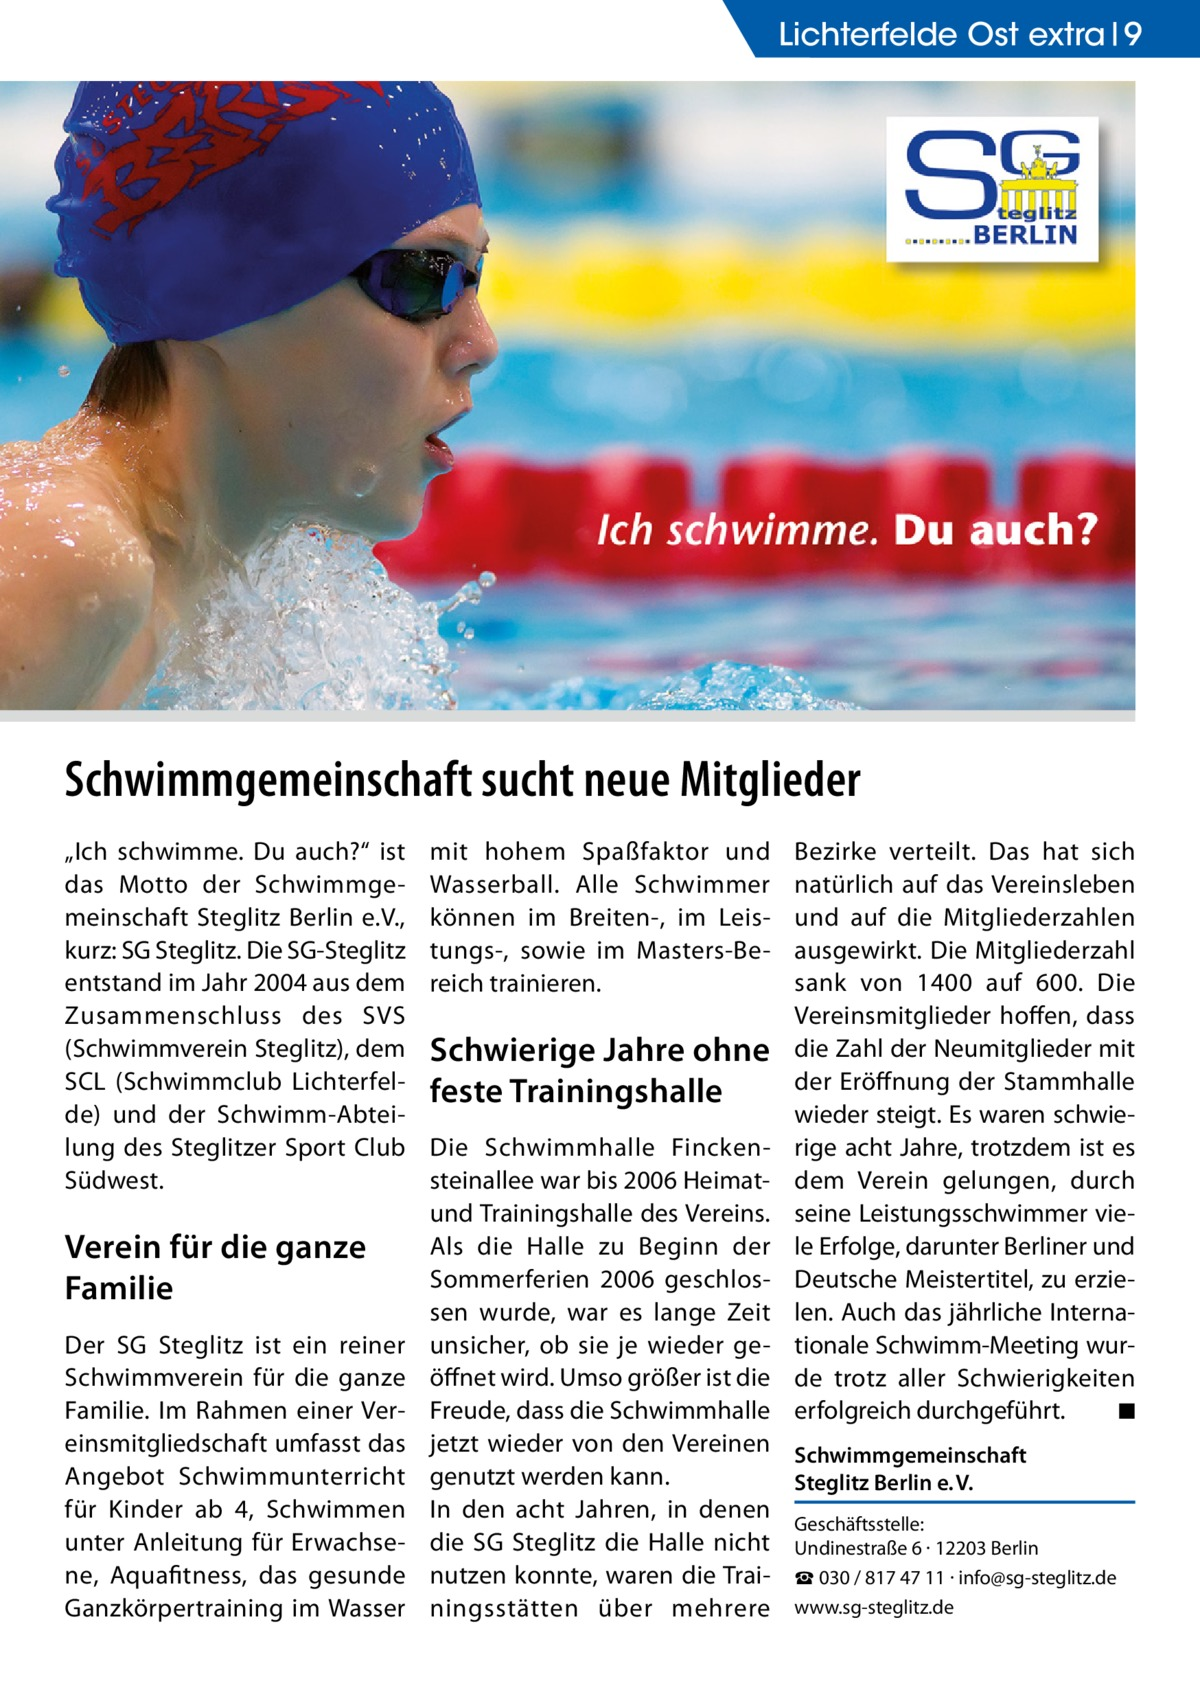 """Lichterfelde Lichterfelde Ost extra Ost 9  Schwimmgemeinschaft sucht neue Mitglieder """"Ich schwimme. Du auch?"""" ist das Motto der Schwimmgemeinschaft Steglitz Berlin e.V., kurz: SG Steglitz. Die SG-Steglitz entstand im Jahr 2004 aus dem Zusammenschluss des SVS (Schwimmverein Steglitz), dem SCL (Schwimmclub Lichterfelde) und der Schwimm-Abteilung des Steglitzer Sport Club Südwest.  Verein für die ganze Familie Der SG Steglitz ist ein reiner Schwimmverein für die ganze Familie. Im Rahmen einer Vereinsmitgliedschaft umfasst das Angebot Schwimmunterricht für Kinder ab 4, Schwimmen unter Anleitung für Erwachsene, Aquafitness, das gesunde Ganzkörpertraining im Wasser  mit hohem Spaßfaktor und Wasserball. Alle Schwimmer können im Breiten-, im Leistungs-, sowie im Masters-Bereich trainieren.  Schwierige Jahre ohne feste Trainingshalle  Bezirke verteilt. Das hat sich natürlich auf das Vereinsleben und auf die Mitgliederzahlen ausgewirkt. Die Mitgliederzahl sank von 1400 auf 600. Die Vereinsmitglieder hoffen, dass die Zahl der Neumitglieder mit der Eröffnung der Stammhalle wieder steigt. Es waren schwierige acht Jahre, trotzdem ist es dem Verein gelungen, durch seine Leistungsschwimmer viele Erfolge, darunter Berliner und Deutsche Meistertitel, zu erzielen. Auch das jährliche Internationale Schwimm-Meeting wurde trotz aller Schwierigkeiten erfolgreich durchgeführt. � ◾  Die Schwimmhalle Finckensteinallee war bis 2006 Heimatund Trainingshalle des Vereins. Als die Halle zu Beginn der Sommerferien 2006 geschlossen wurde, war es lange Zeit unsicher, ob sie je wieder geöffnet wird. Umso größer ist die Freude, dass die Schwimmhalle jetzt wieder von den Vereinen Schwimmgemeinschaft genutzt werden kann. Steglitz Berlin e.V. In den acht Jahren, in denen Geschäftsstelle: die SG Steglitz die Halle nicht Undinestraße 6 · 12203 Berlin nutzen konnte, waren die Trai- ☎ 030 / 817 47 11 · info@sg-steglitz.de ningsstätten über mehrere www.sg-steglitz.de"""